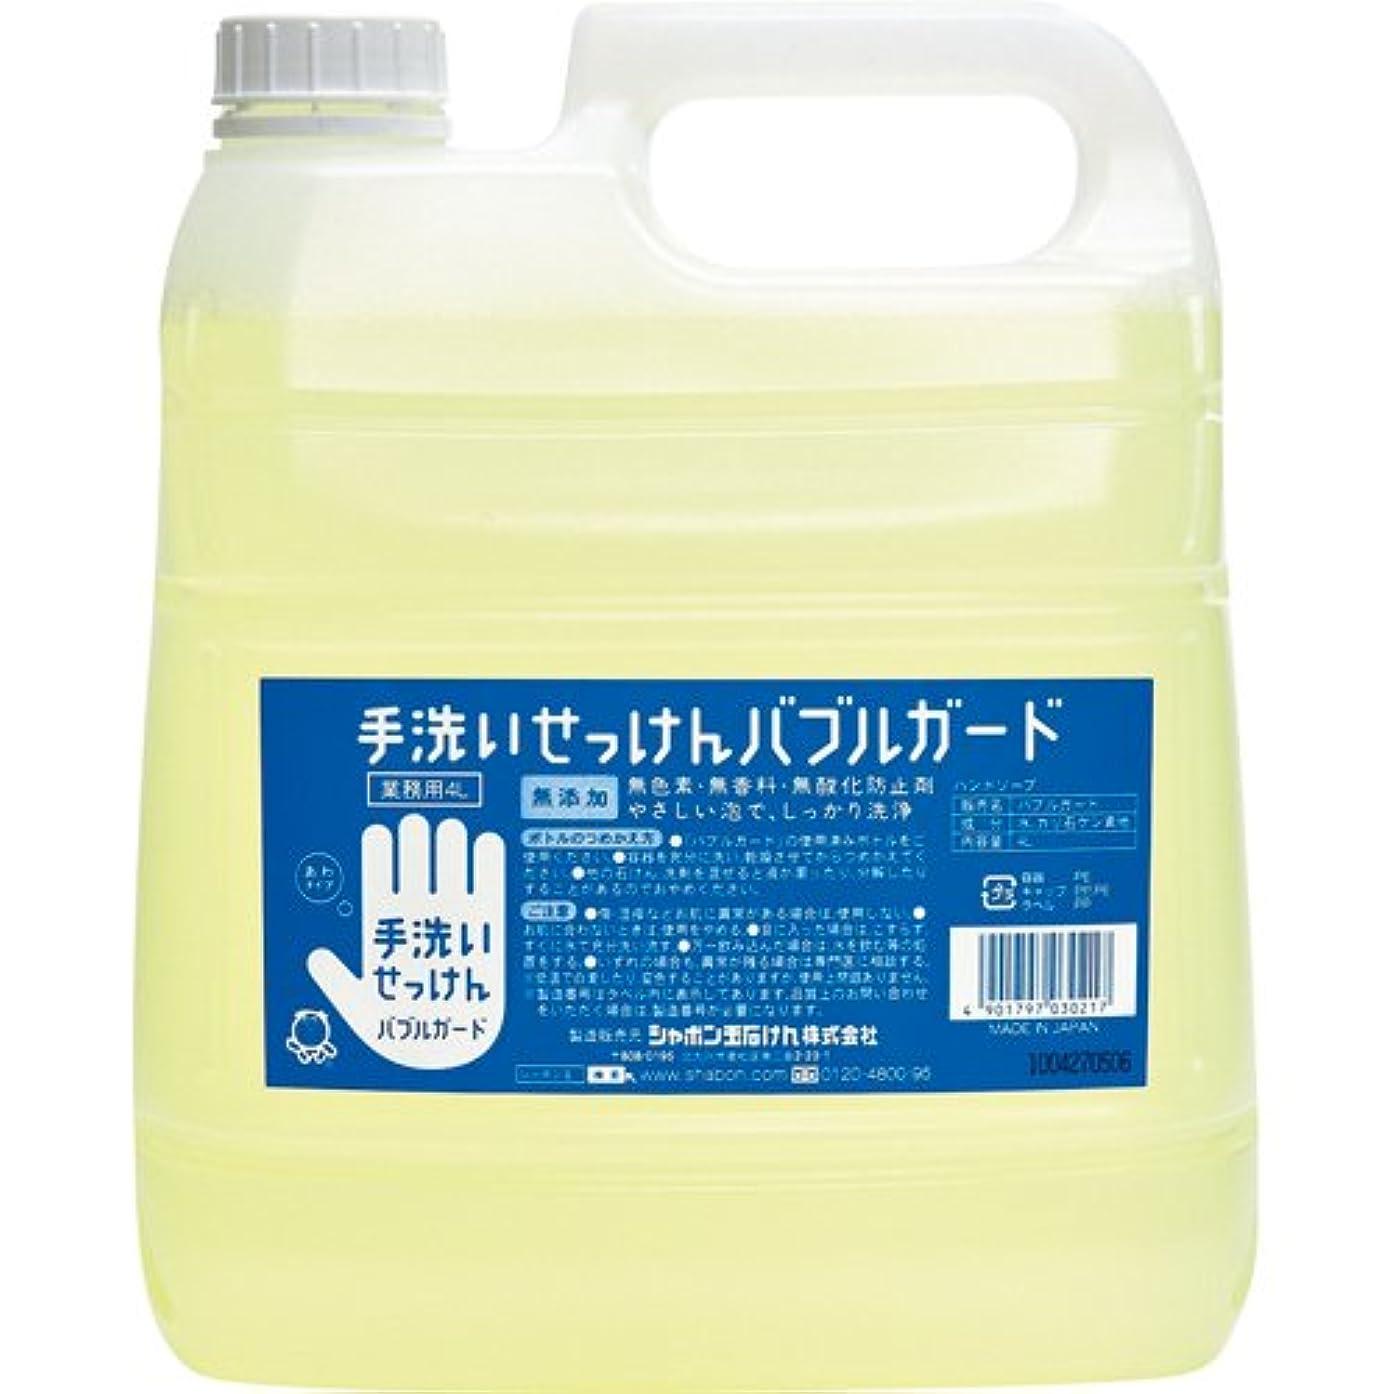 談話ホーム反対した[シャボン玉石けん 1692542] (ケア商品)手洗いせっけん バブルガード 泡タイプ 業務用 4L